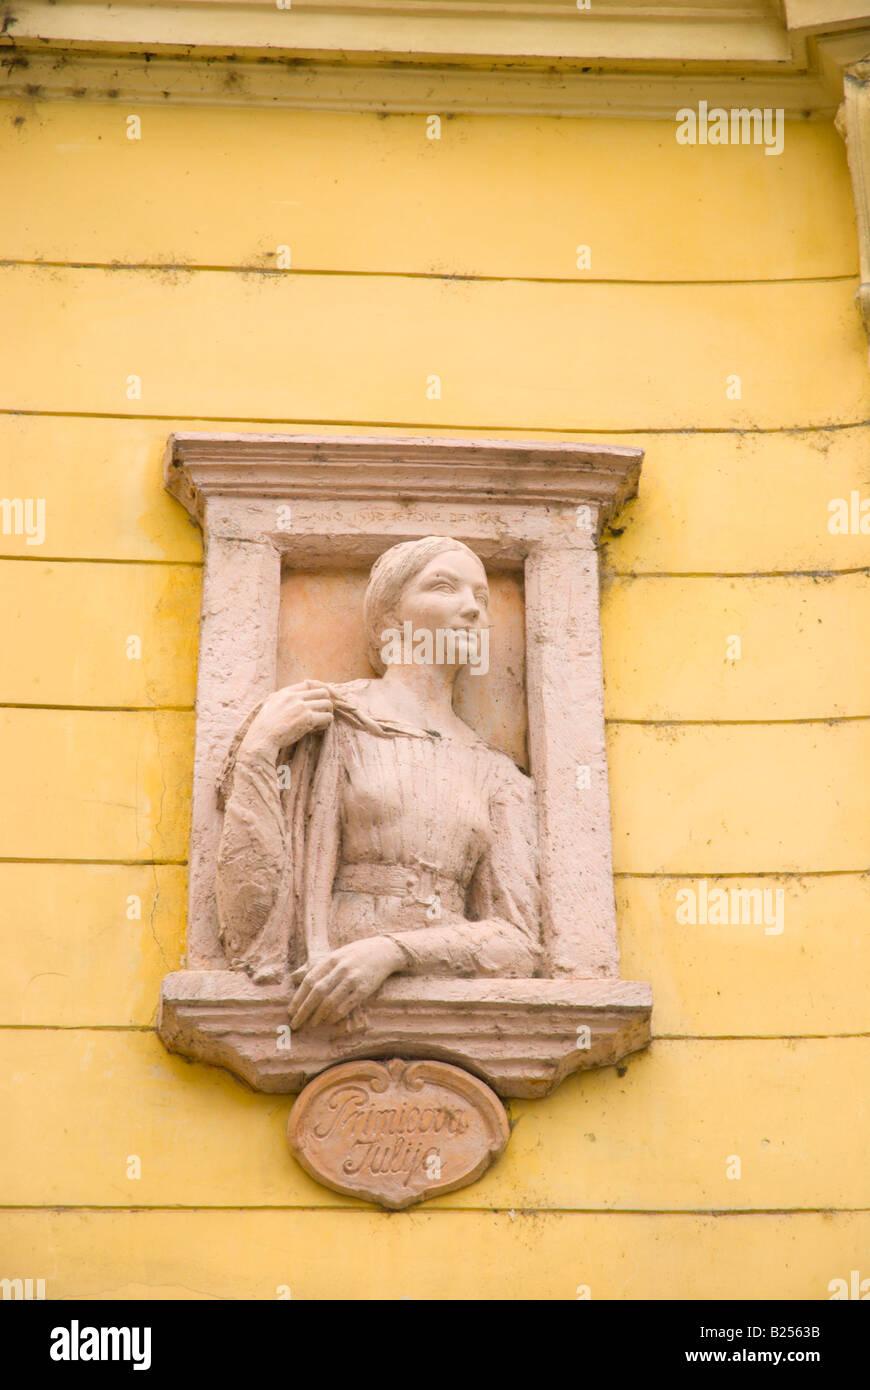 Statue of Julija Primic the unrequited love of France Preseren the national poet of Slovenia in Ljubljana Slovenia - Stock Image